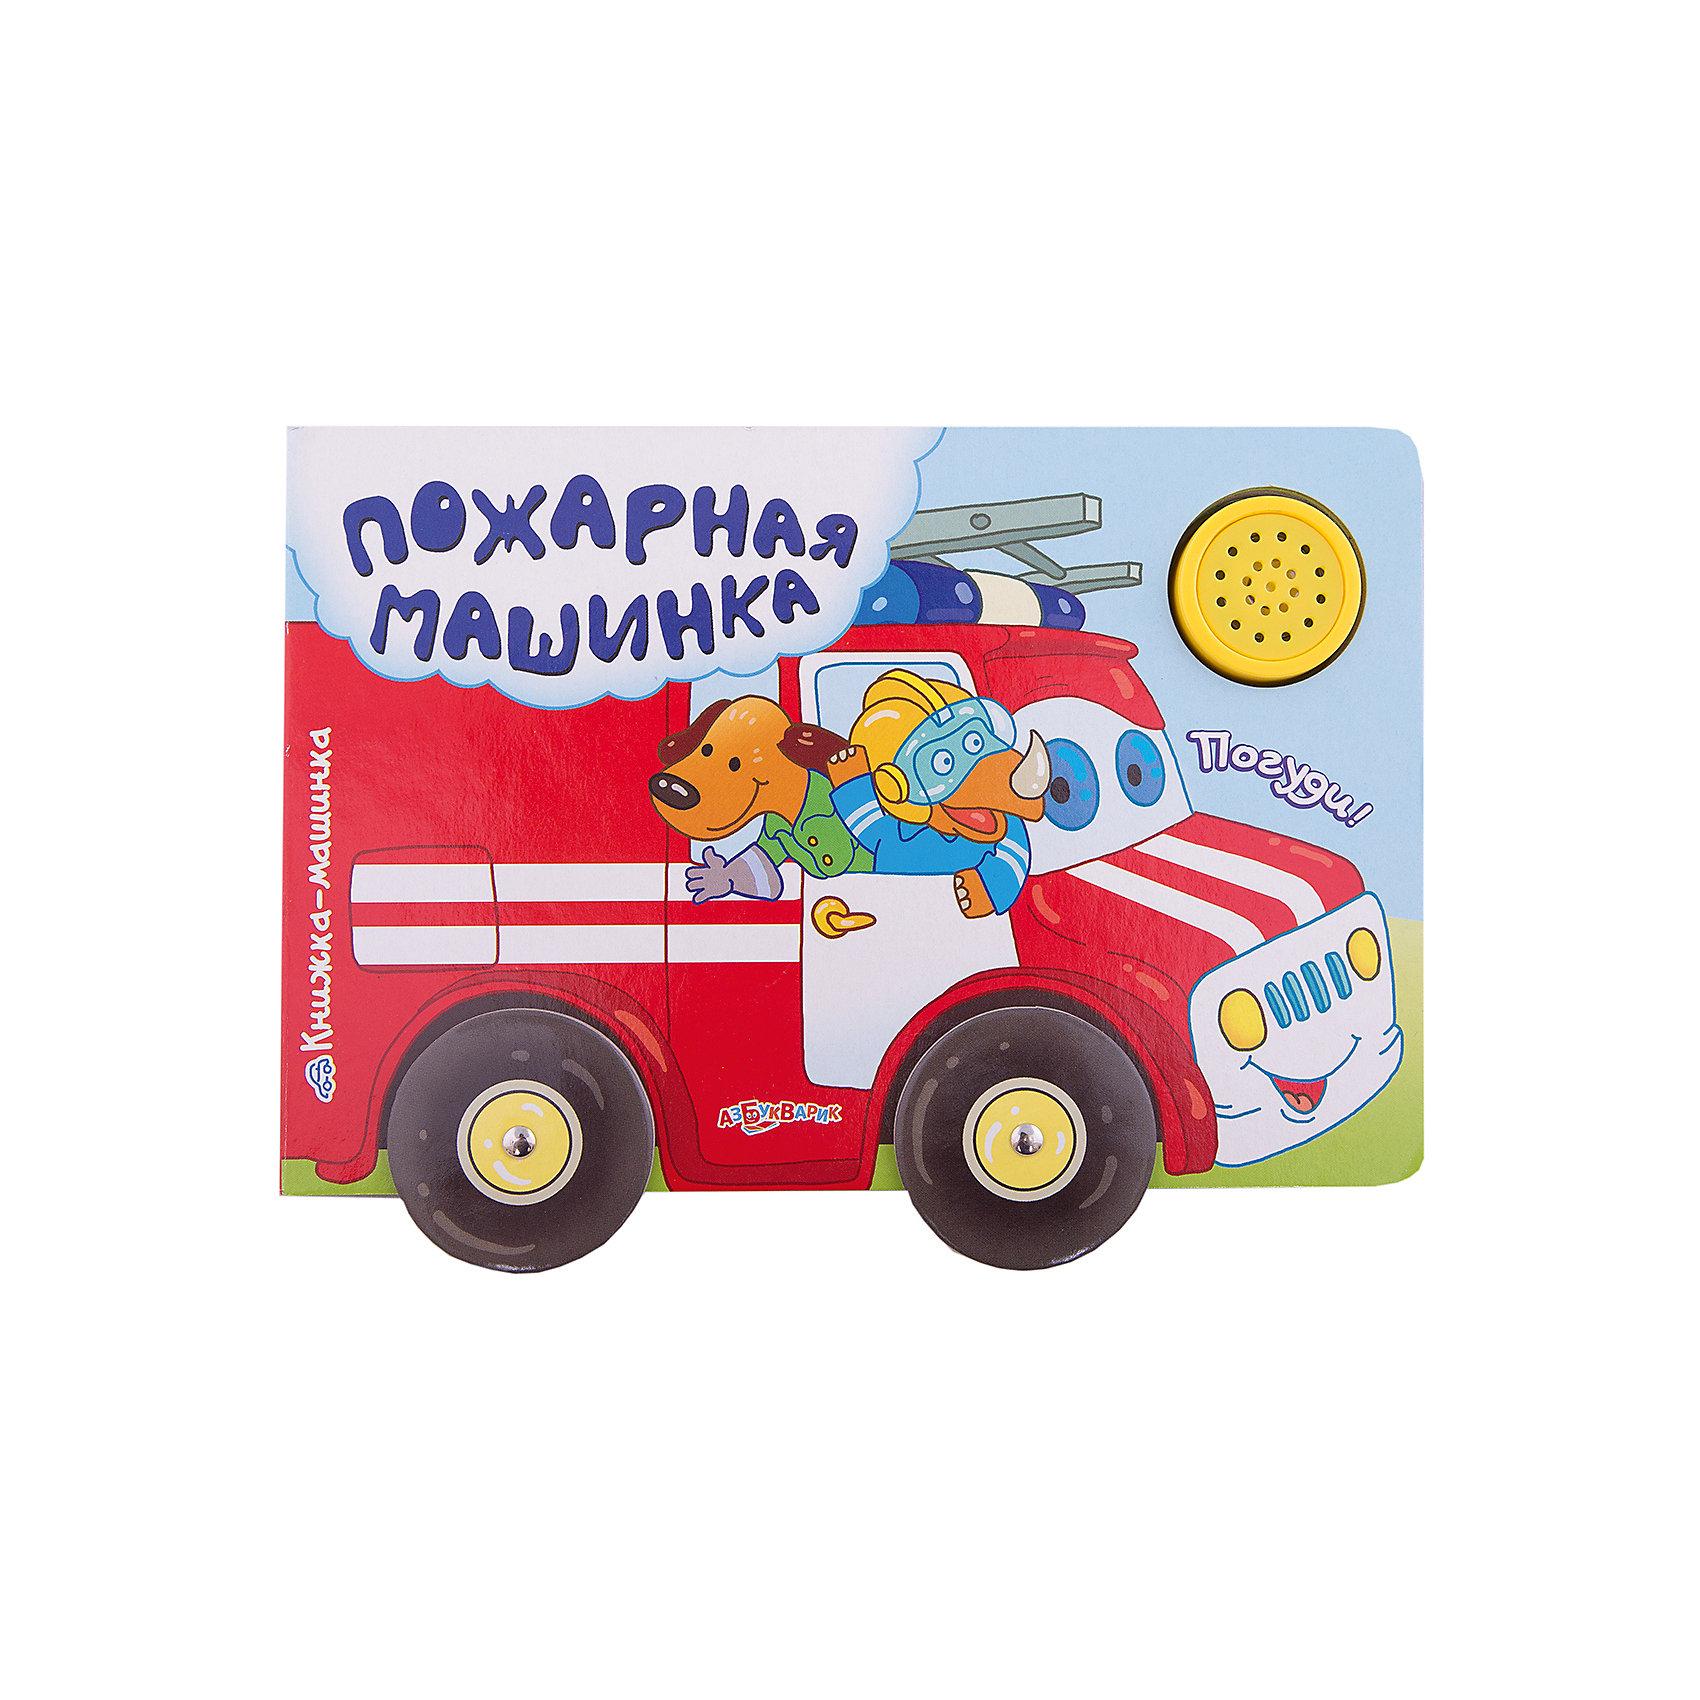 Книга Пожарная машинка. Книжка-машинкаМузыкальные книги<br>Книга Пожарная машинка. Книжка-машинка – красочно иллюстрированная книга-игрушка с музыкальным модулем.<br>У книжки Пожарная машинка серии Книжка-машинка есть настоящие вращающиеся колеса. Нажав на желтую кнопку, сначала заведите красную пожарную машину, повторным нажатием включите сирену, и выезжайте тушить пожар. На каждом развороте такой необычной книжки можно прочитать маленькие стихи и узнать, какие машинки-спасатели помогают пожарной машине в чрезвычайных ситуациях, что нужно для тушения пожара кроме пожарного шланга, и какую помощь кроме тушения пожара оказывают пожарные машины. Страницы книги выполнены из плотного картона, поэтому даже самый активный маленький читатель не сможет порвать или поломать ее. Книга пополнит словарный запас ребенка и расширит его представления об окружающем мире.<br><br>Дополнительная информация:<br><br>- Автор стихов: Ю. Куликова<br>- Художник: А. Урманов<br>- Издательство: Азбукварик Групп<br>- Серия: Книжка-машинка<br>- Тип обложки: картон<br>- Оформление: музыкальный модуль, вырубка<br>- Количество страниц: 10 (картон)<br>- Иллюстрации: цветные<br>- Батарейки: 3 типа AG3/LR41 (в комплекте демонстрационные)<br>- Размер: 210х15х155 мм.<br>- Вес: 240 гр.<br><br>Книгу Пожарная машинка. Книжка-машинка можно купить в нашем интернет-магазине.<br><br>Ширина мм: 210<br>Глубина мм: 15<br>Высота мм: 155<br>Вес г: 240<br>Возраст от месяцев: 12<br>Возраст до месяцев: 36<br>Пол: Унисекс<br>Возраст: Детский<br>SKU: 4663801